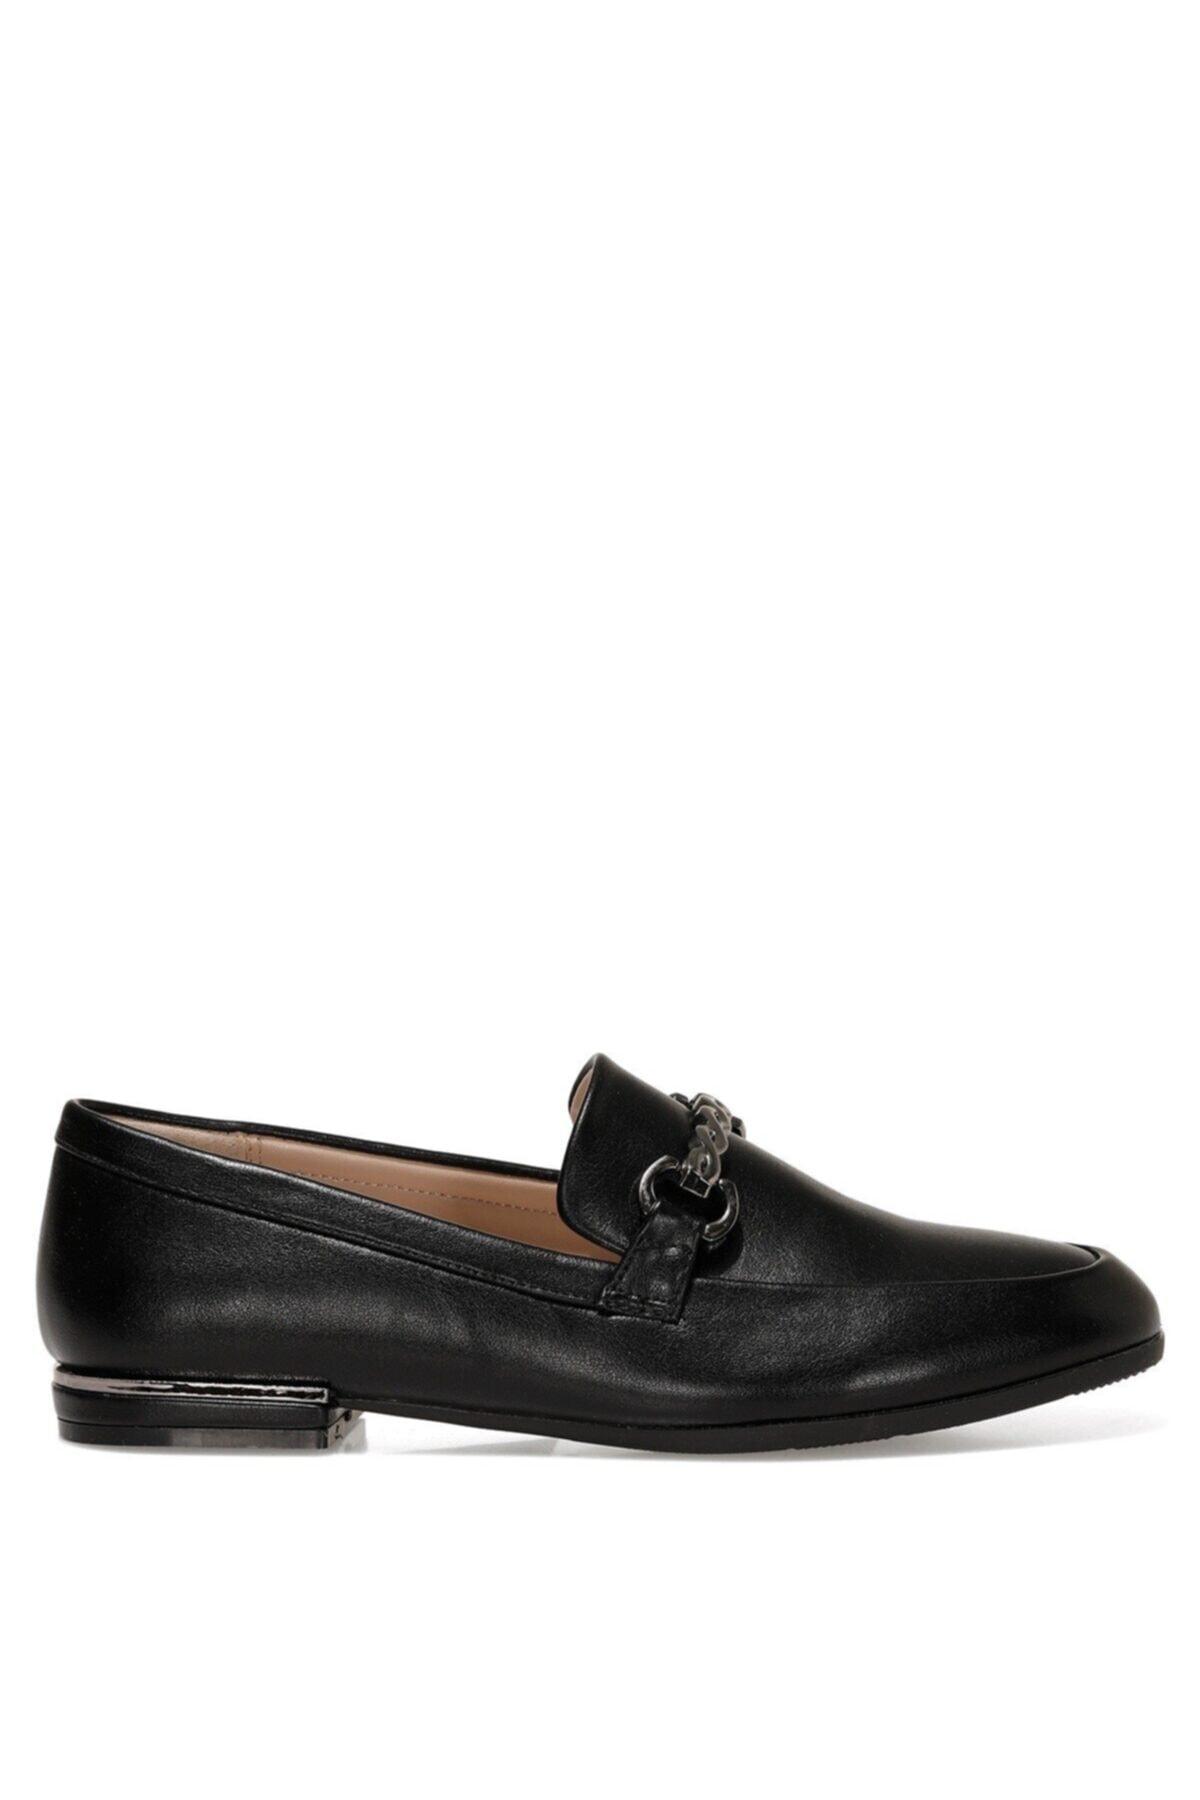 ROMAH 1FX Siyah Kadın Loafer Ayakkabı 101008899